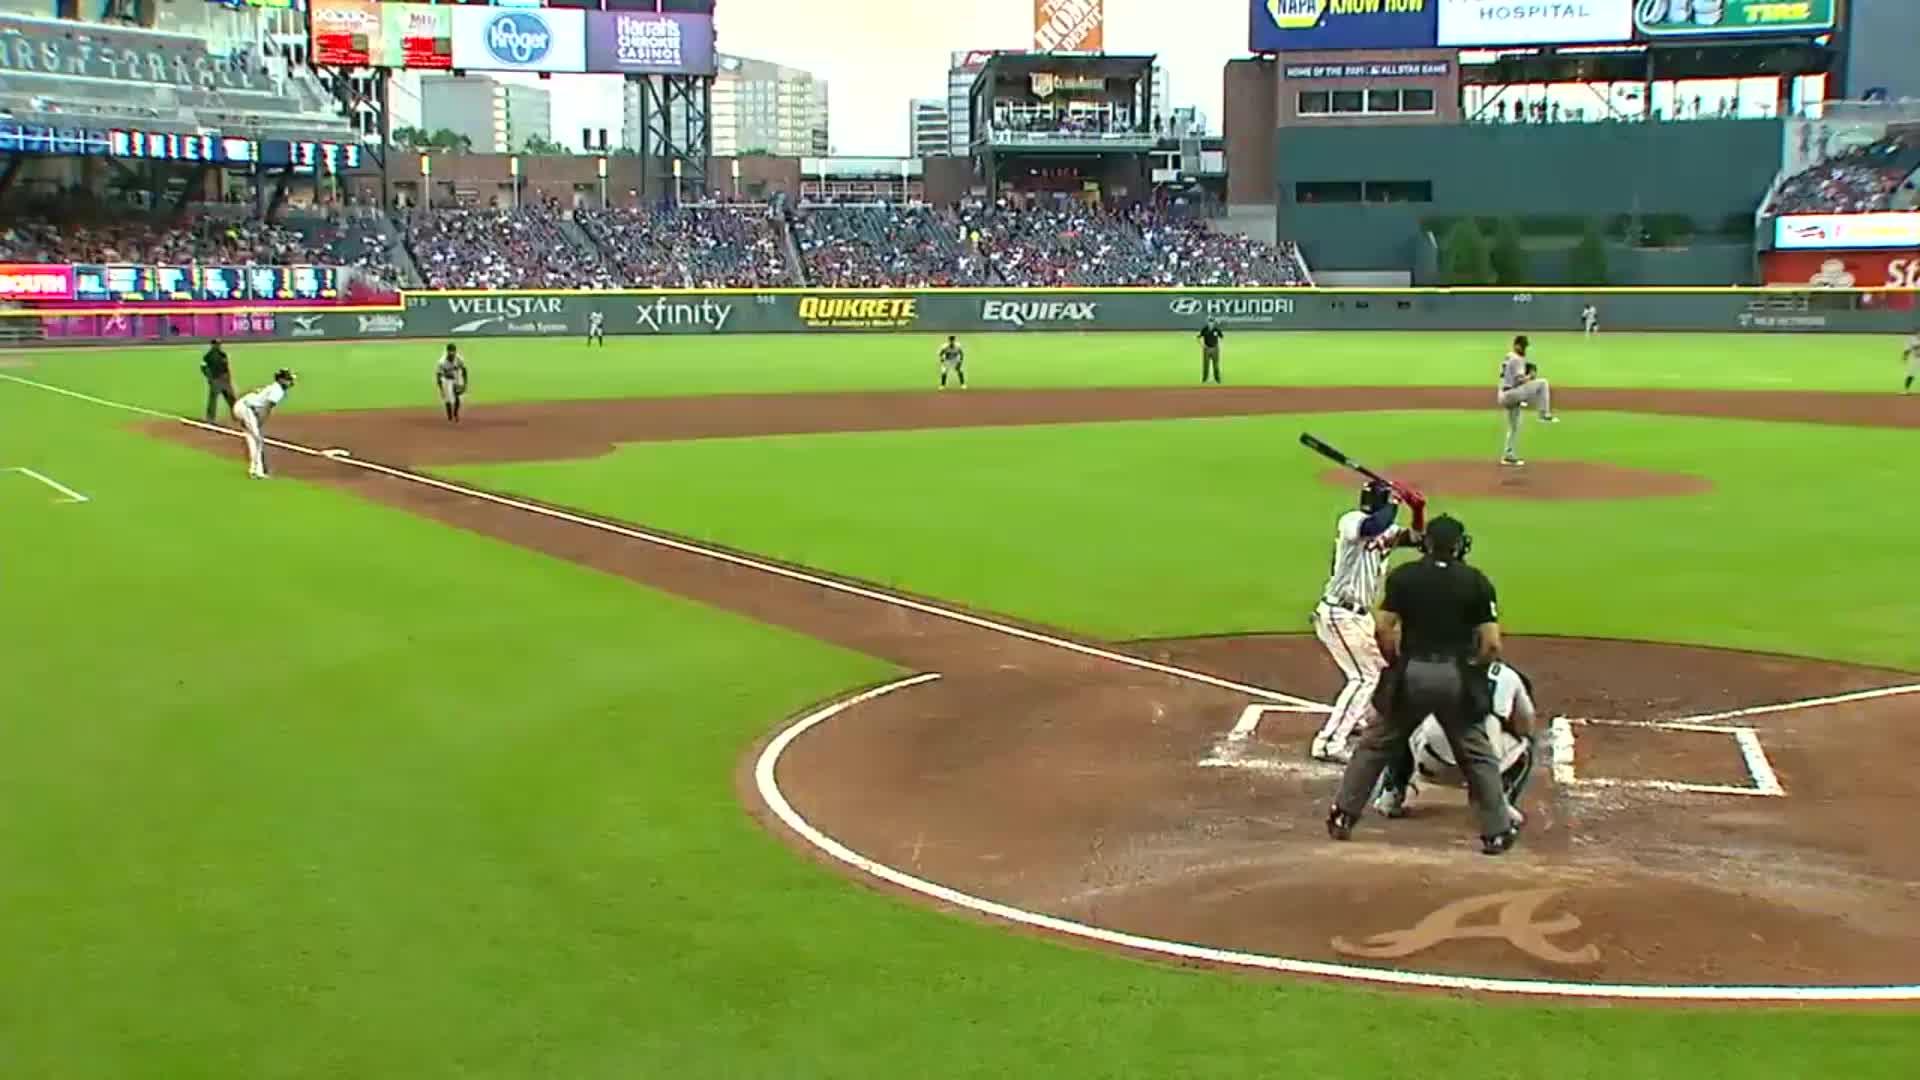 atlanta, baseball, braves, Better view of Adeiny Hechavarria's bat flip. GIFs